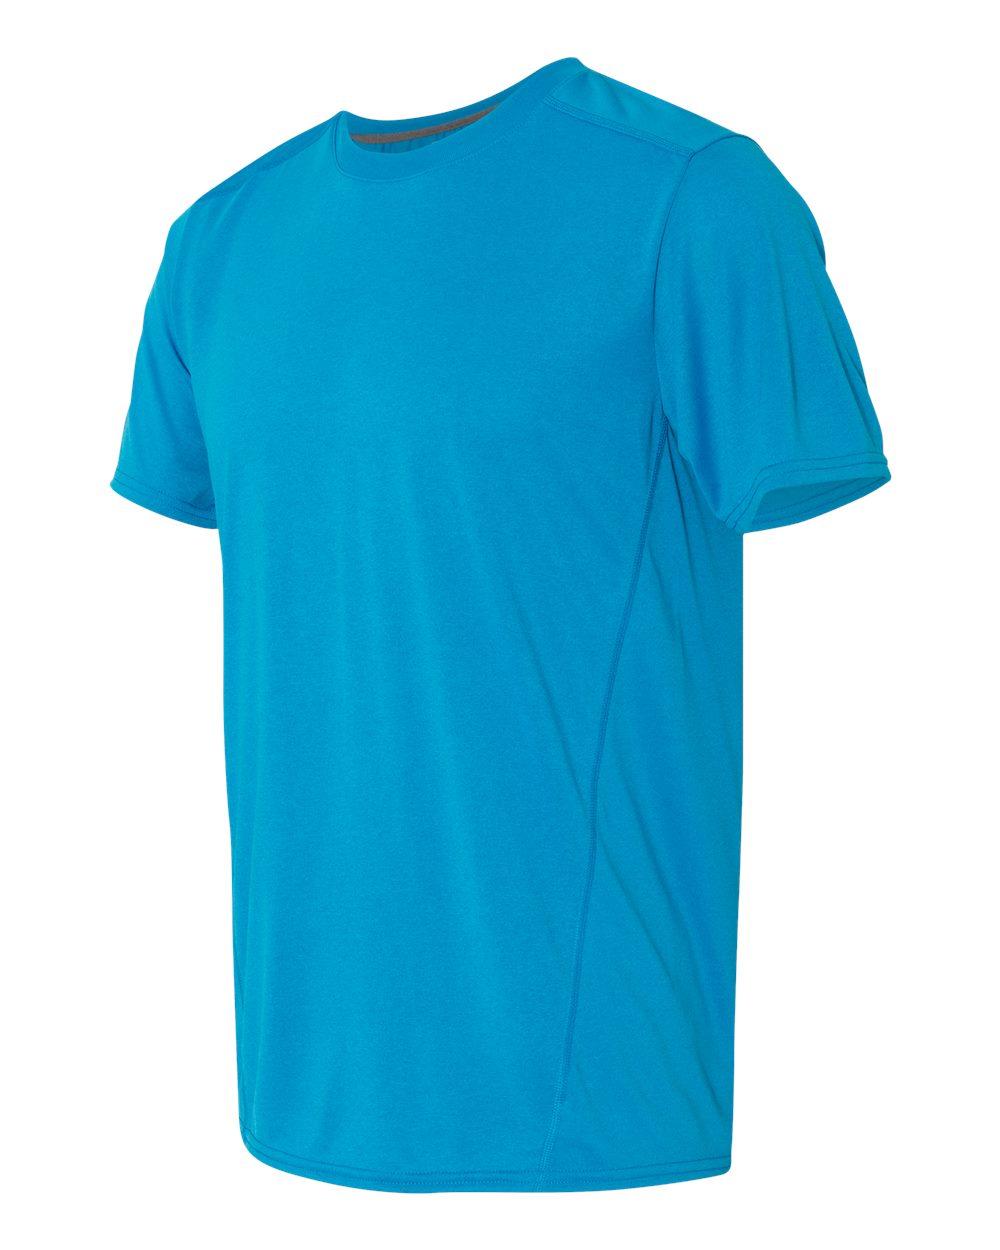 Gildan 47000 Tech Performance Short Sleeve T Shirt